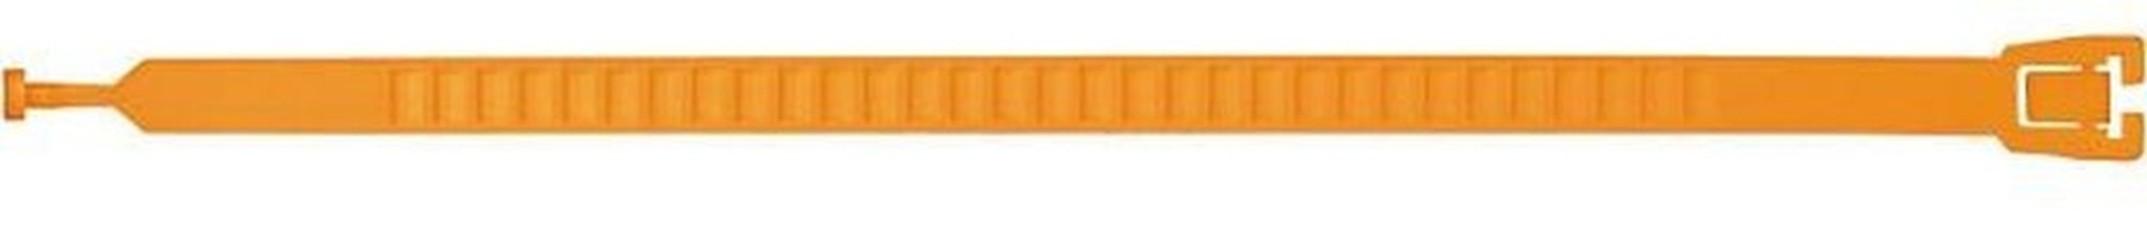 FIXER víceúčelový vázací prvek 400mm, nosnost 20kg